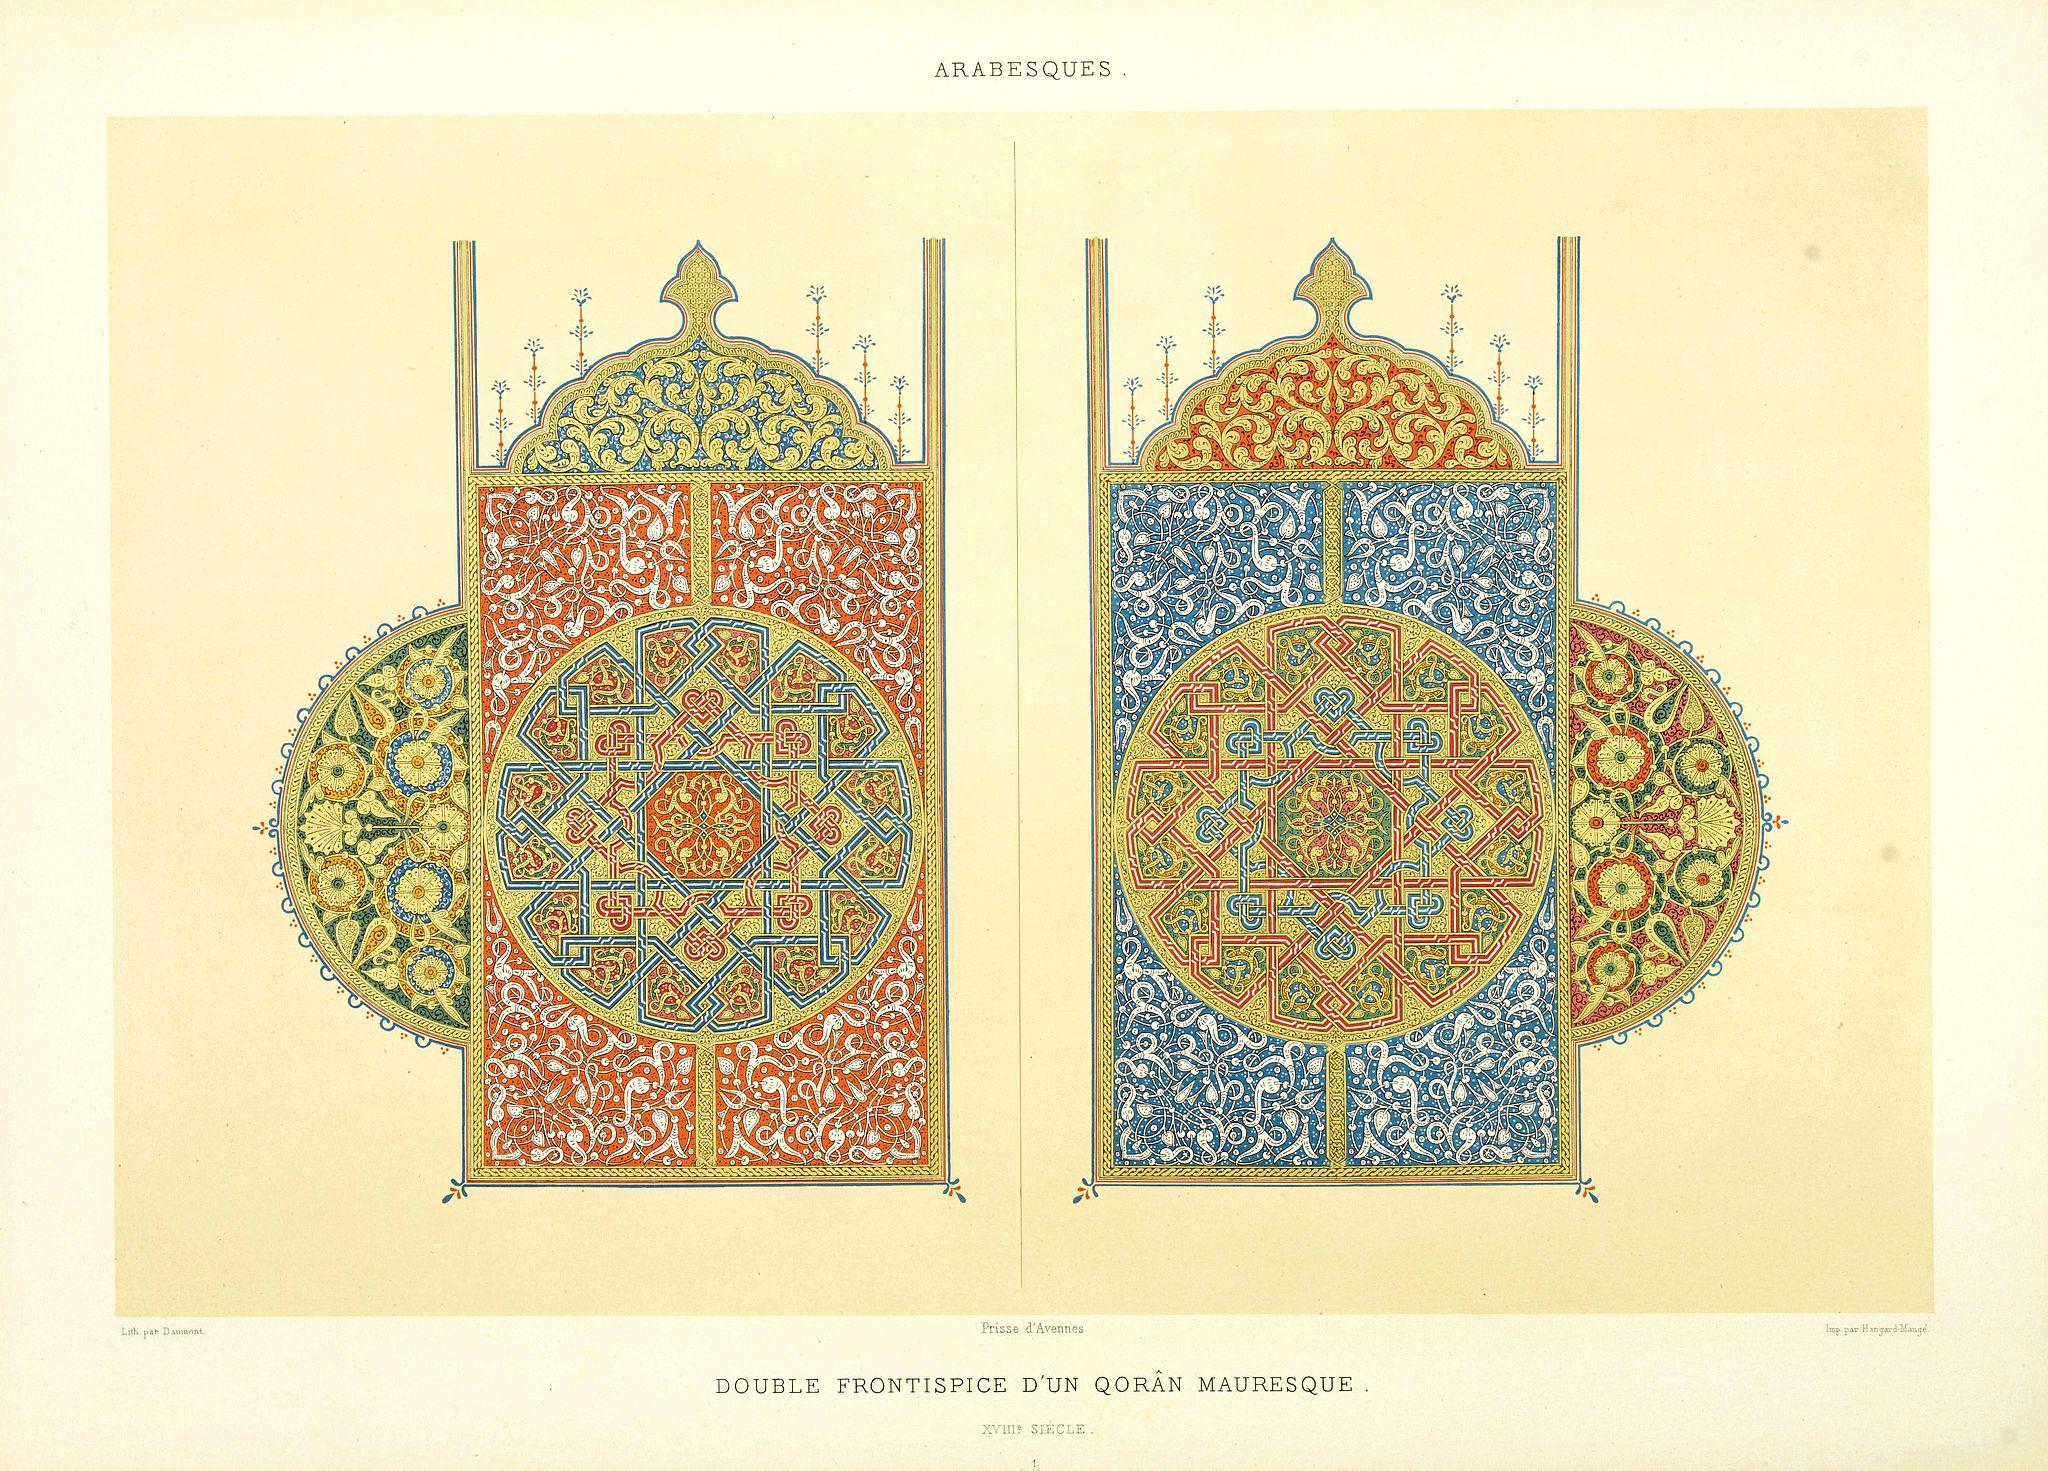 PRISSE D'AVENNES, E. -  Arabesques. - Double frontispice d'un Qoran mauresque. XVIIIe siècle.